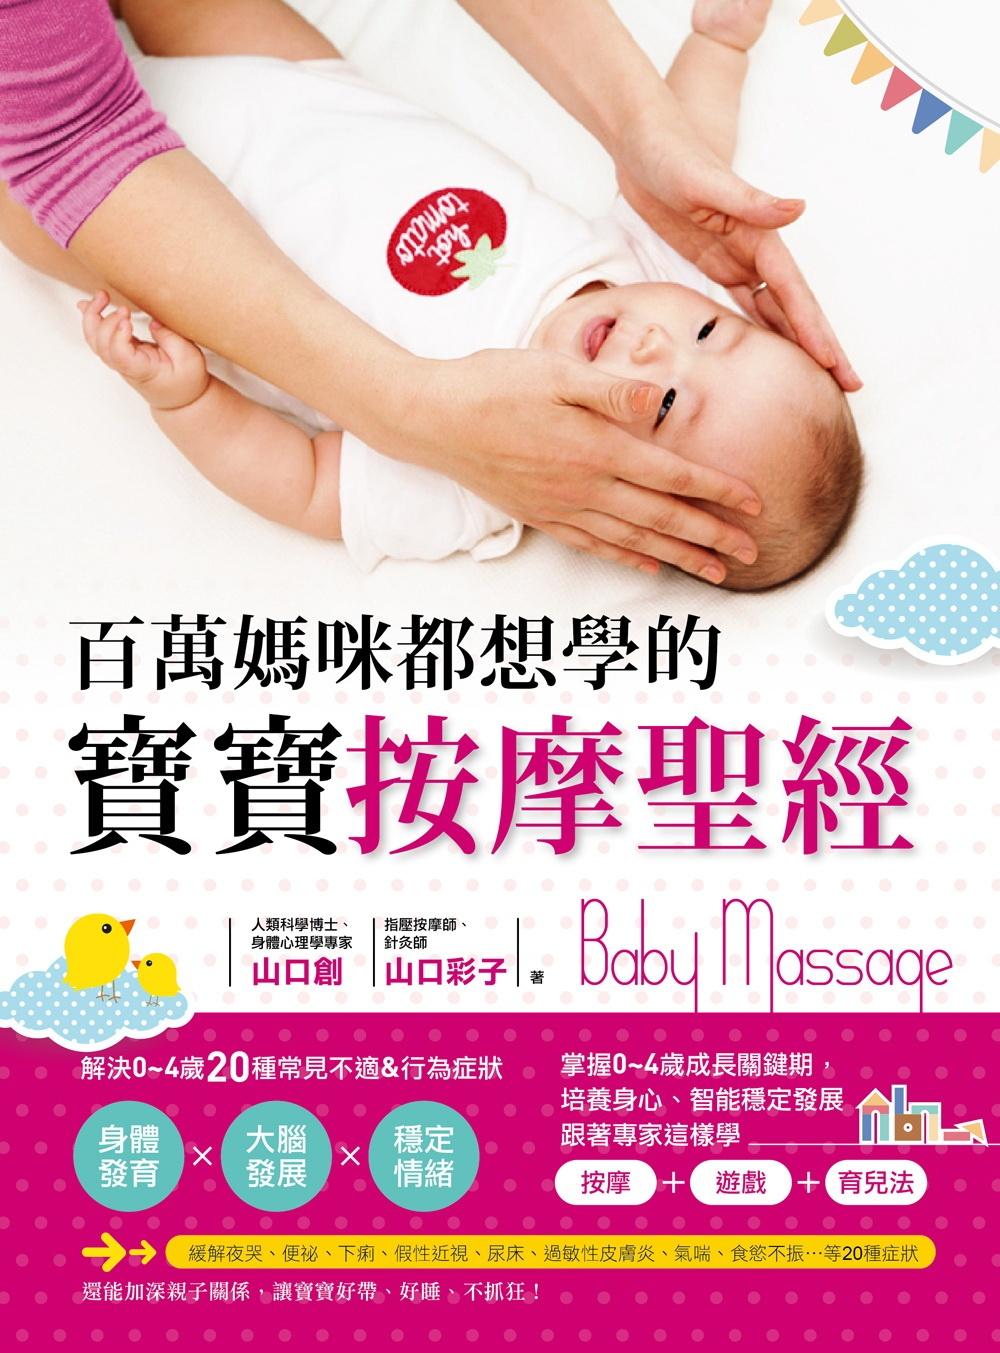 百萬媽咪都想學的寶寶按摩聖經:解決0~4歲20種不適&行為症狀,促進身體、大腦發展、穩定情緒,讓寶寶更好帶!